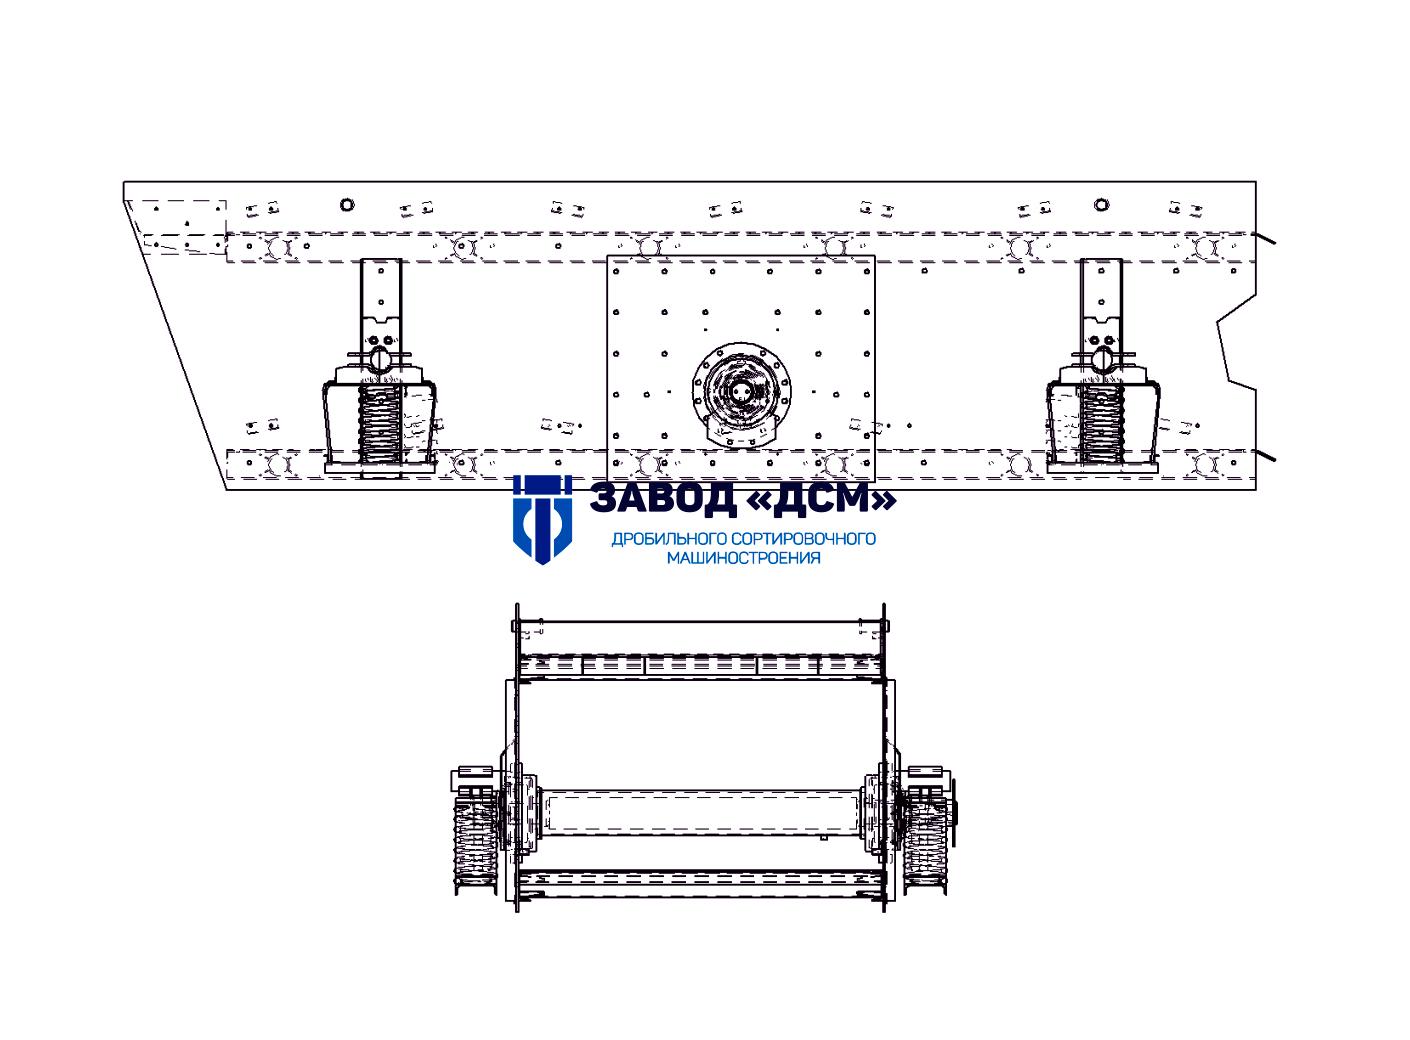 Грохот инерционный тяжелый гит-52 цена продаю дробилку ксд-900 улан-удэ